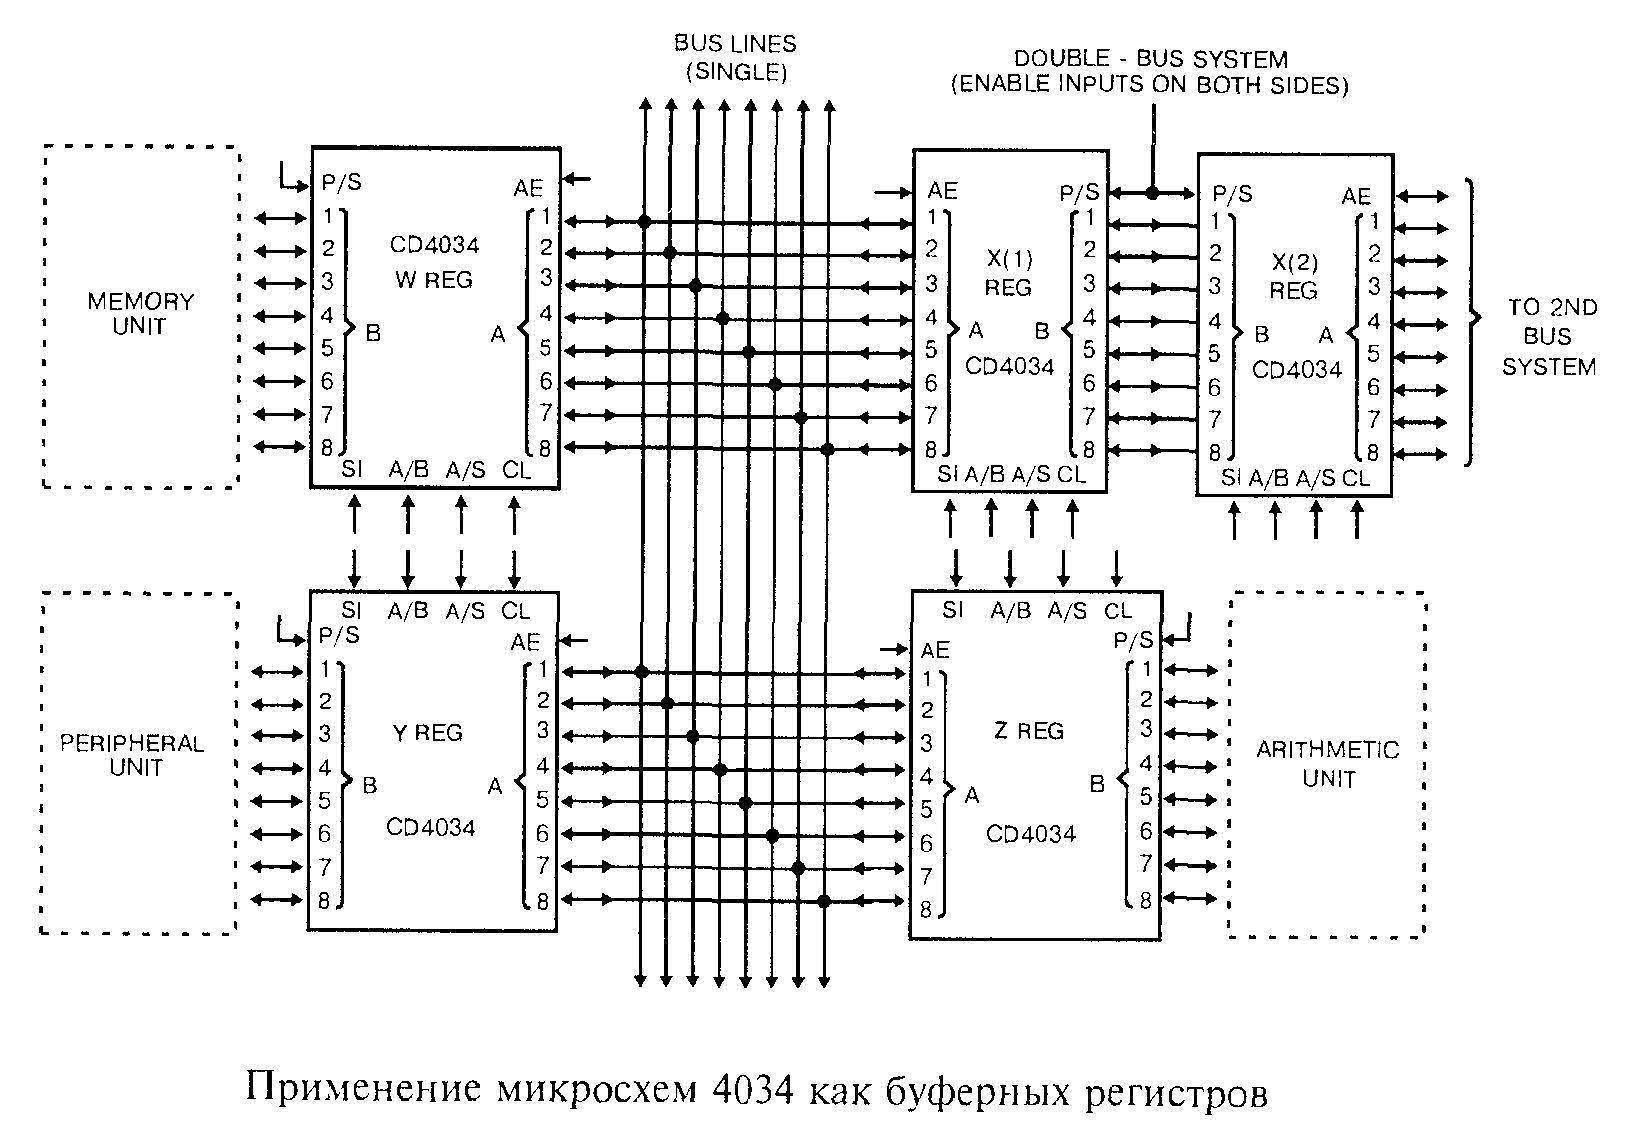 Применение микросхем 4034 - как буферных регистров